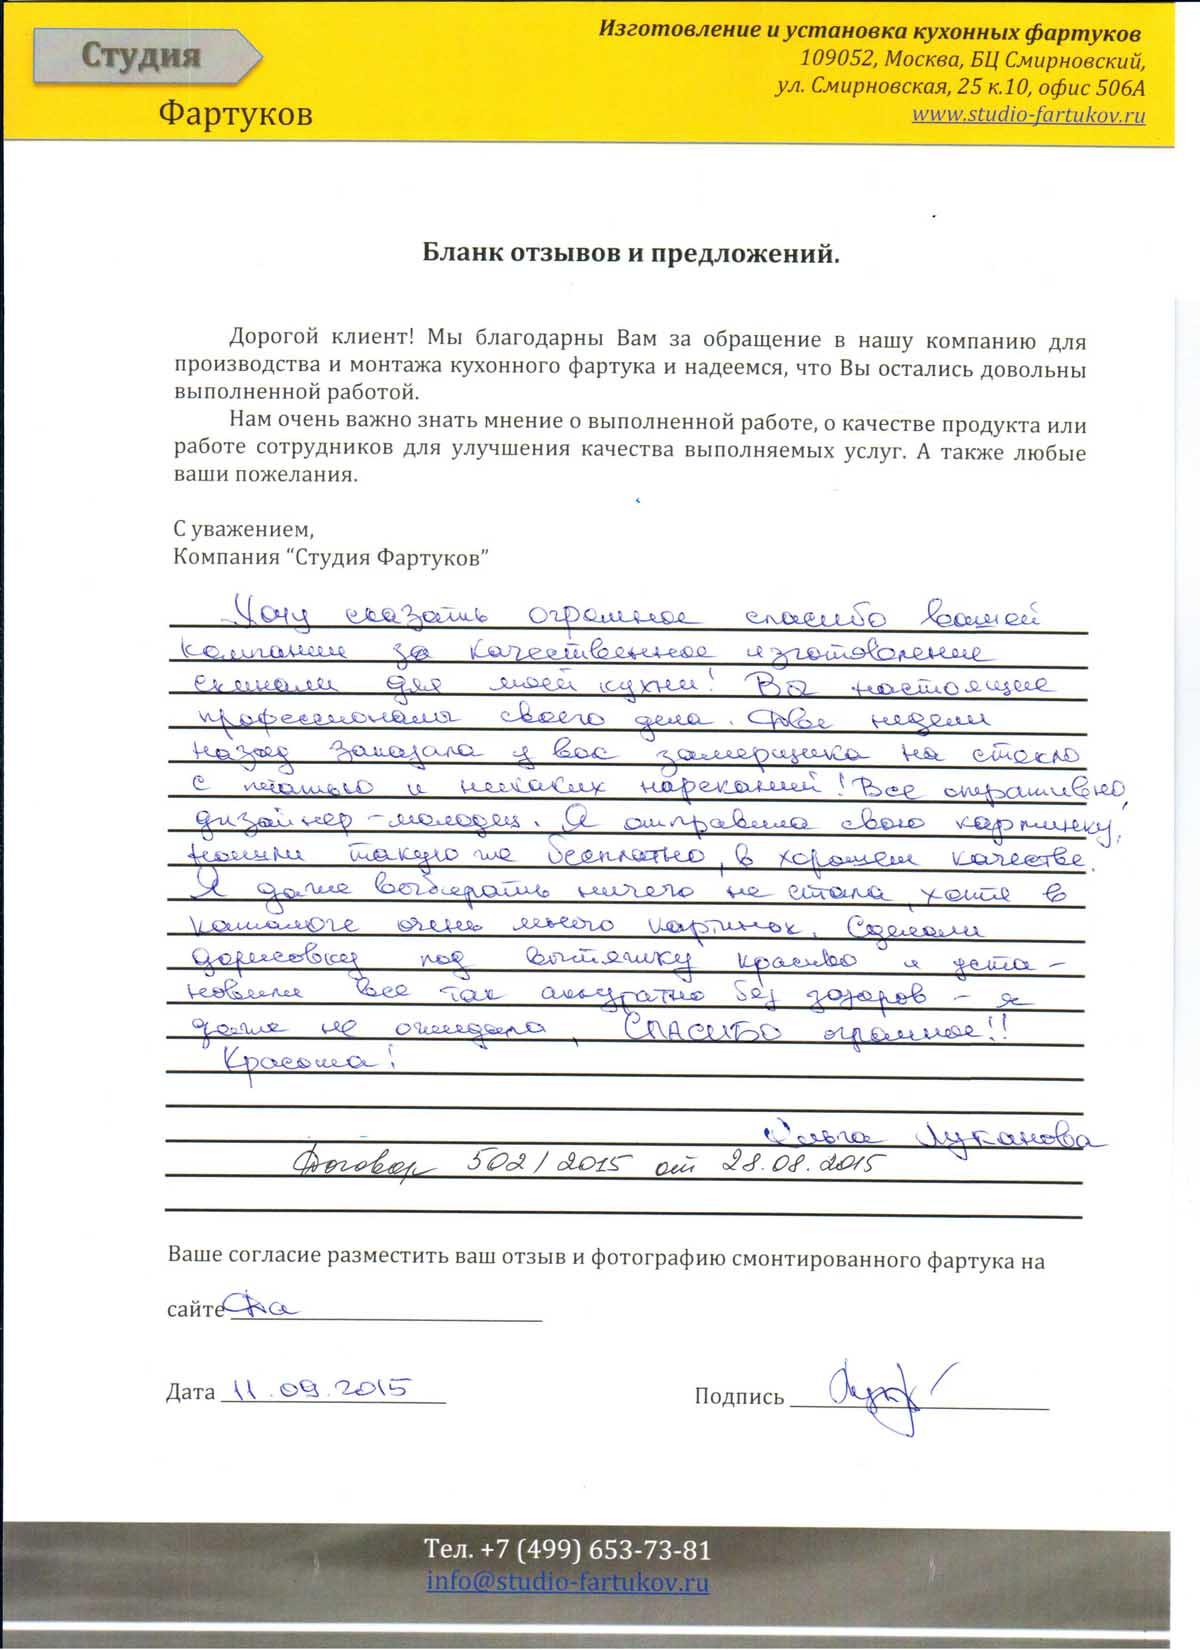 Отзыв Ольги Лукановой от 11.09.2015 по Договору №502/2015